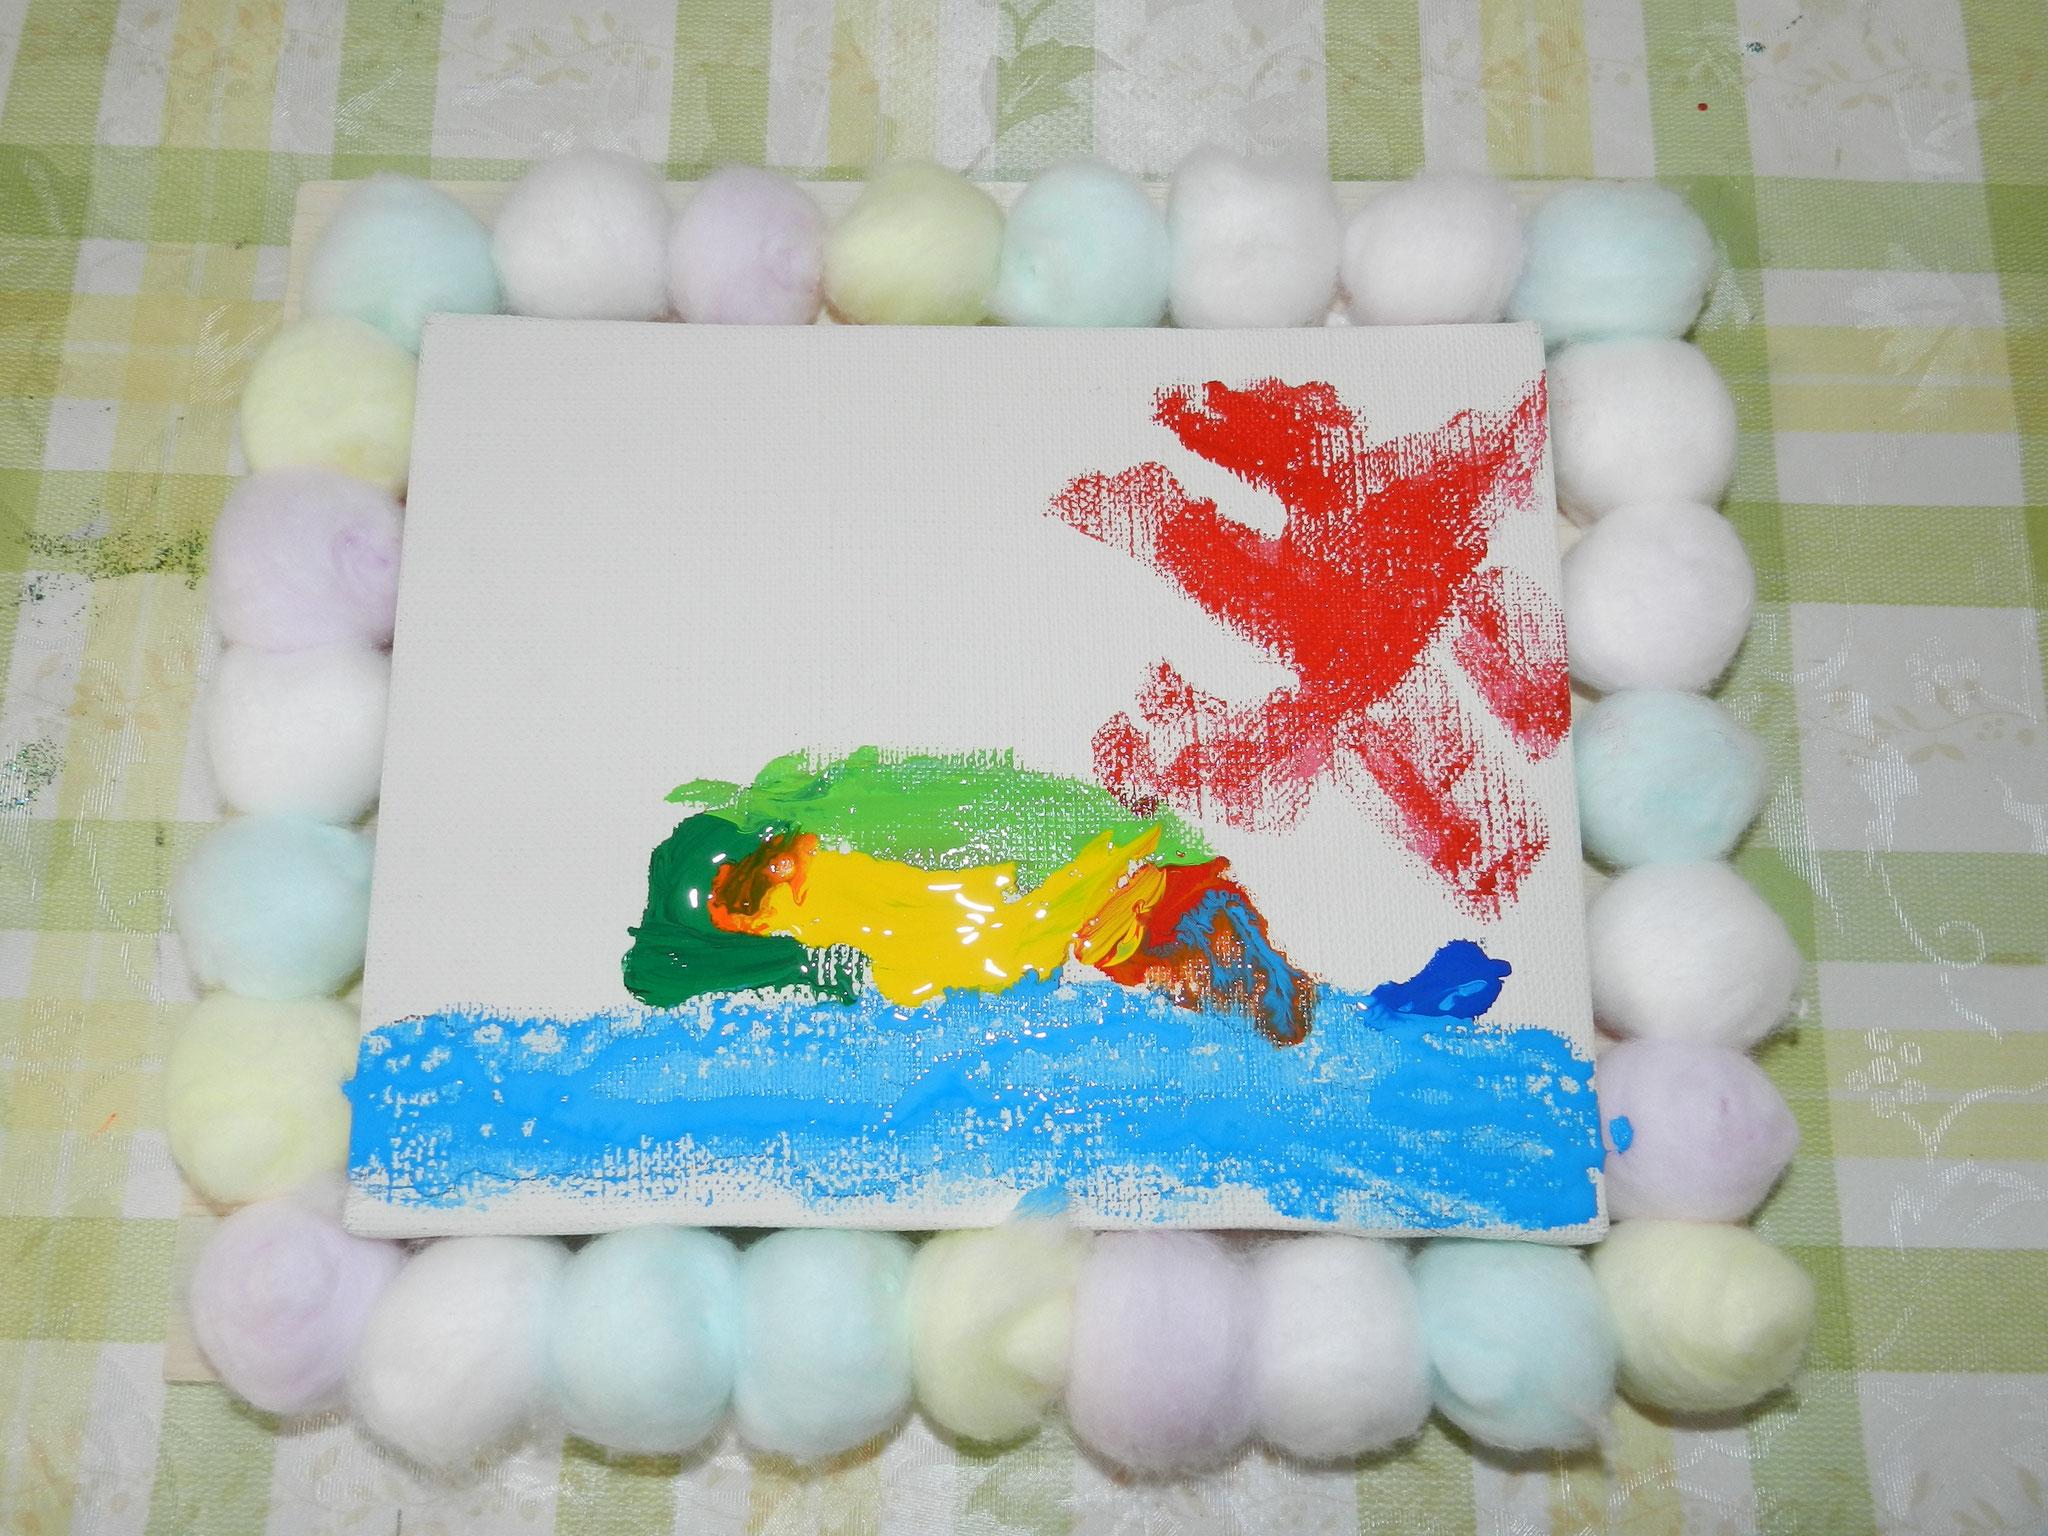 コラージュ作品★「虹のクジラ」(小学1年)